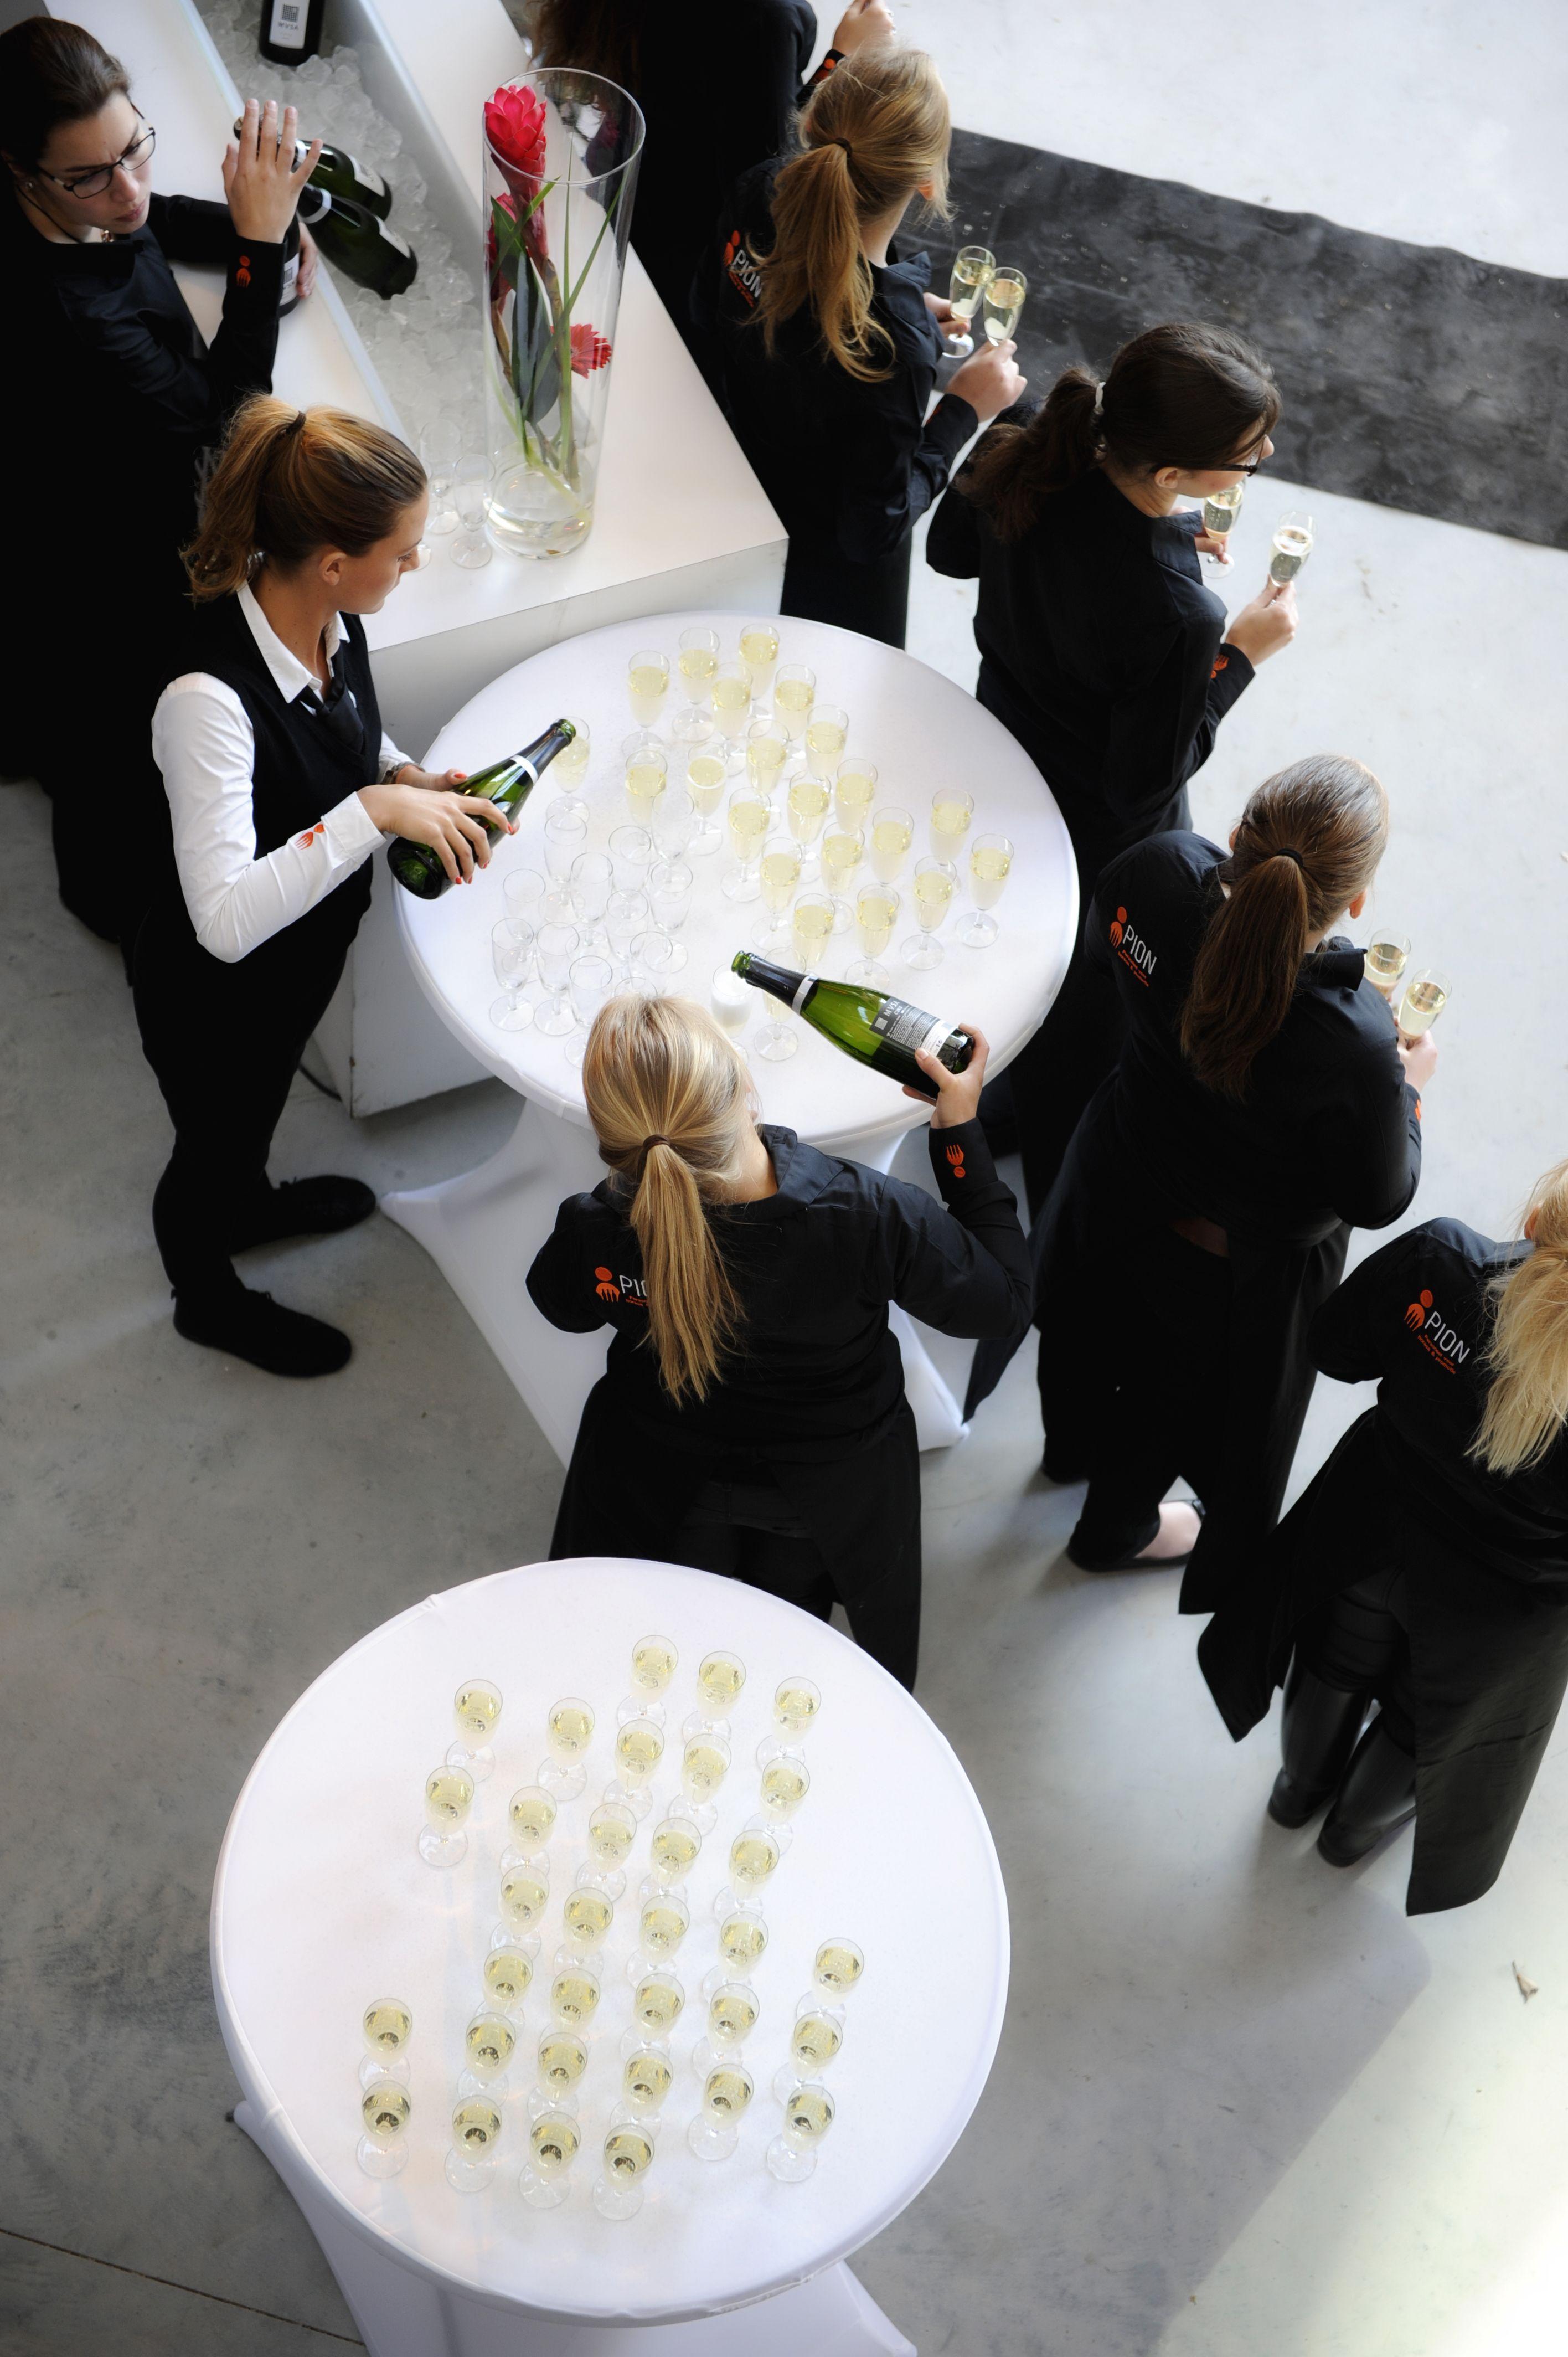 PION voor een vakkundig, proffesioneel en sprankelend team voor een mooi diner op een unieke locatie. #ondernemersgala #GoBoZ #ondernemervanhetjaar #meesttalentevollestarter #diner #netwerk #netwerkborrel #ondernemers #bergenopzoom #dezeeland #gastvrijheid #sprankeling #ontvangst #champagne #bubbels